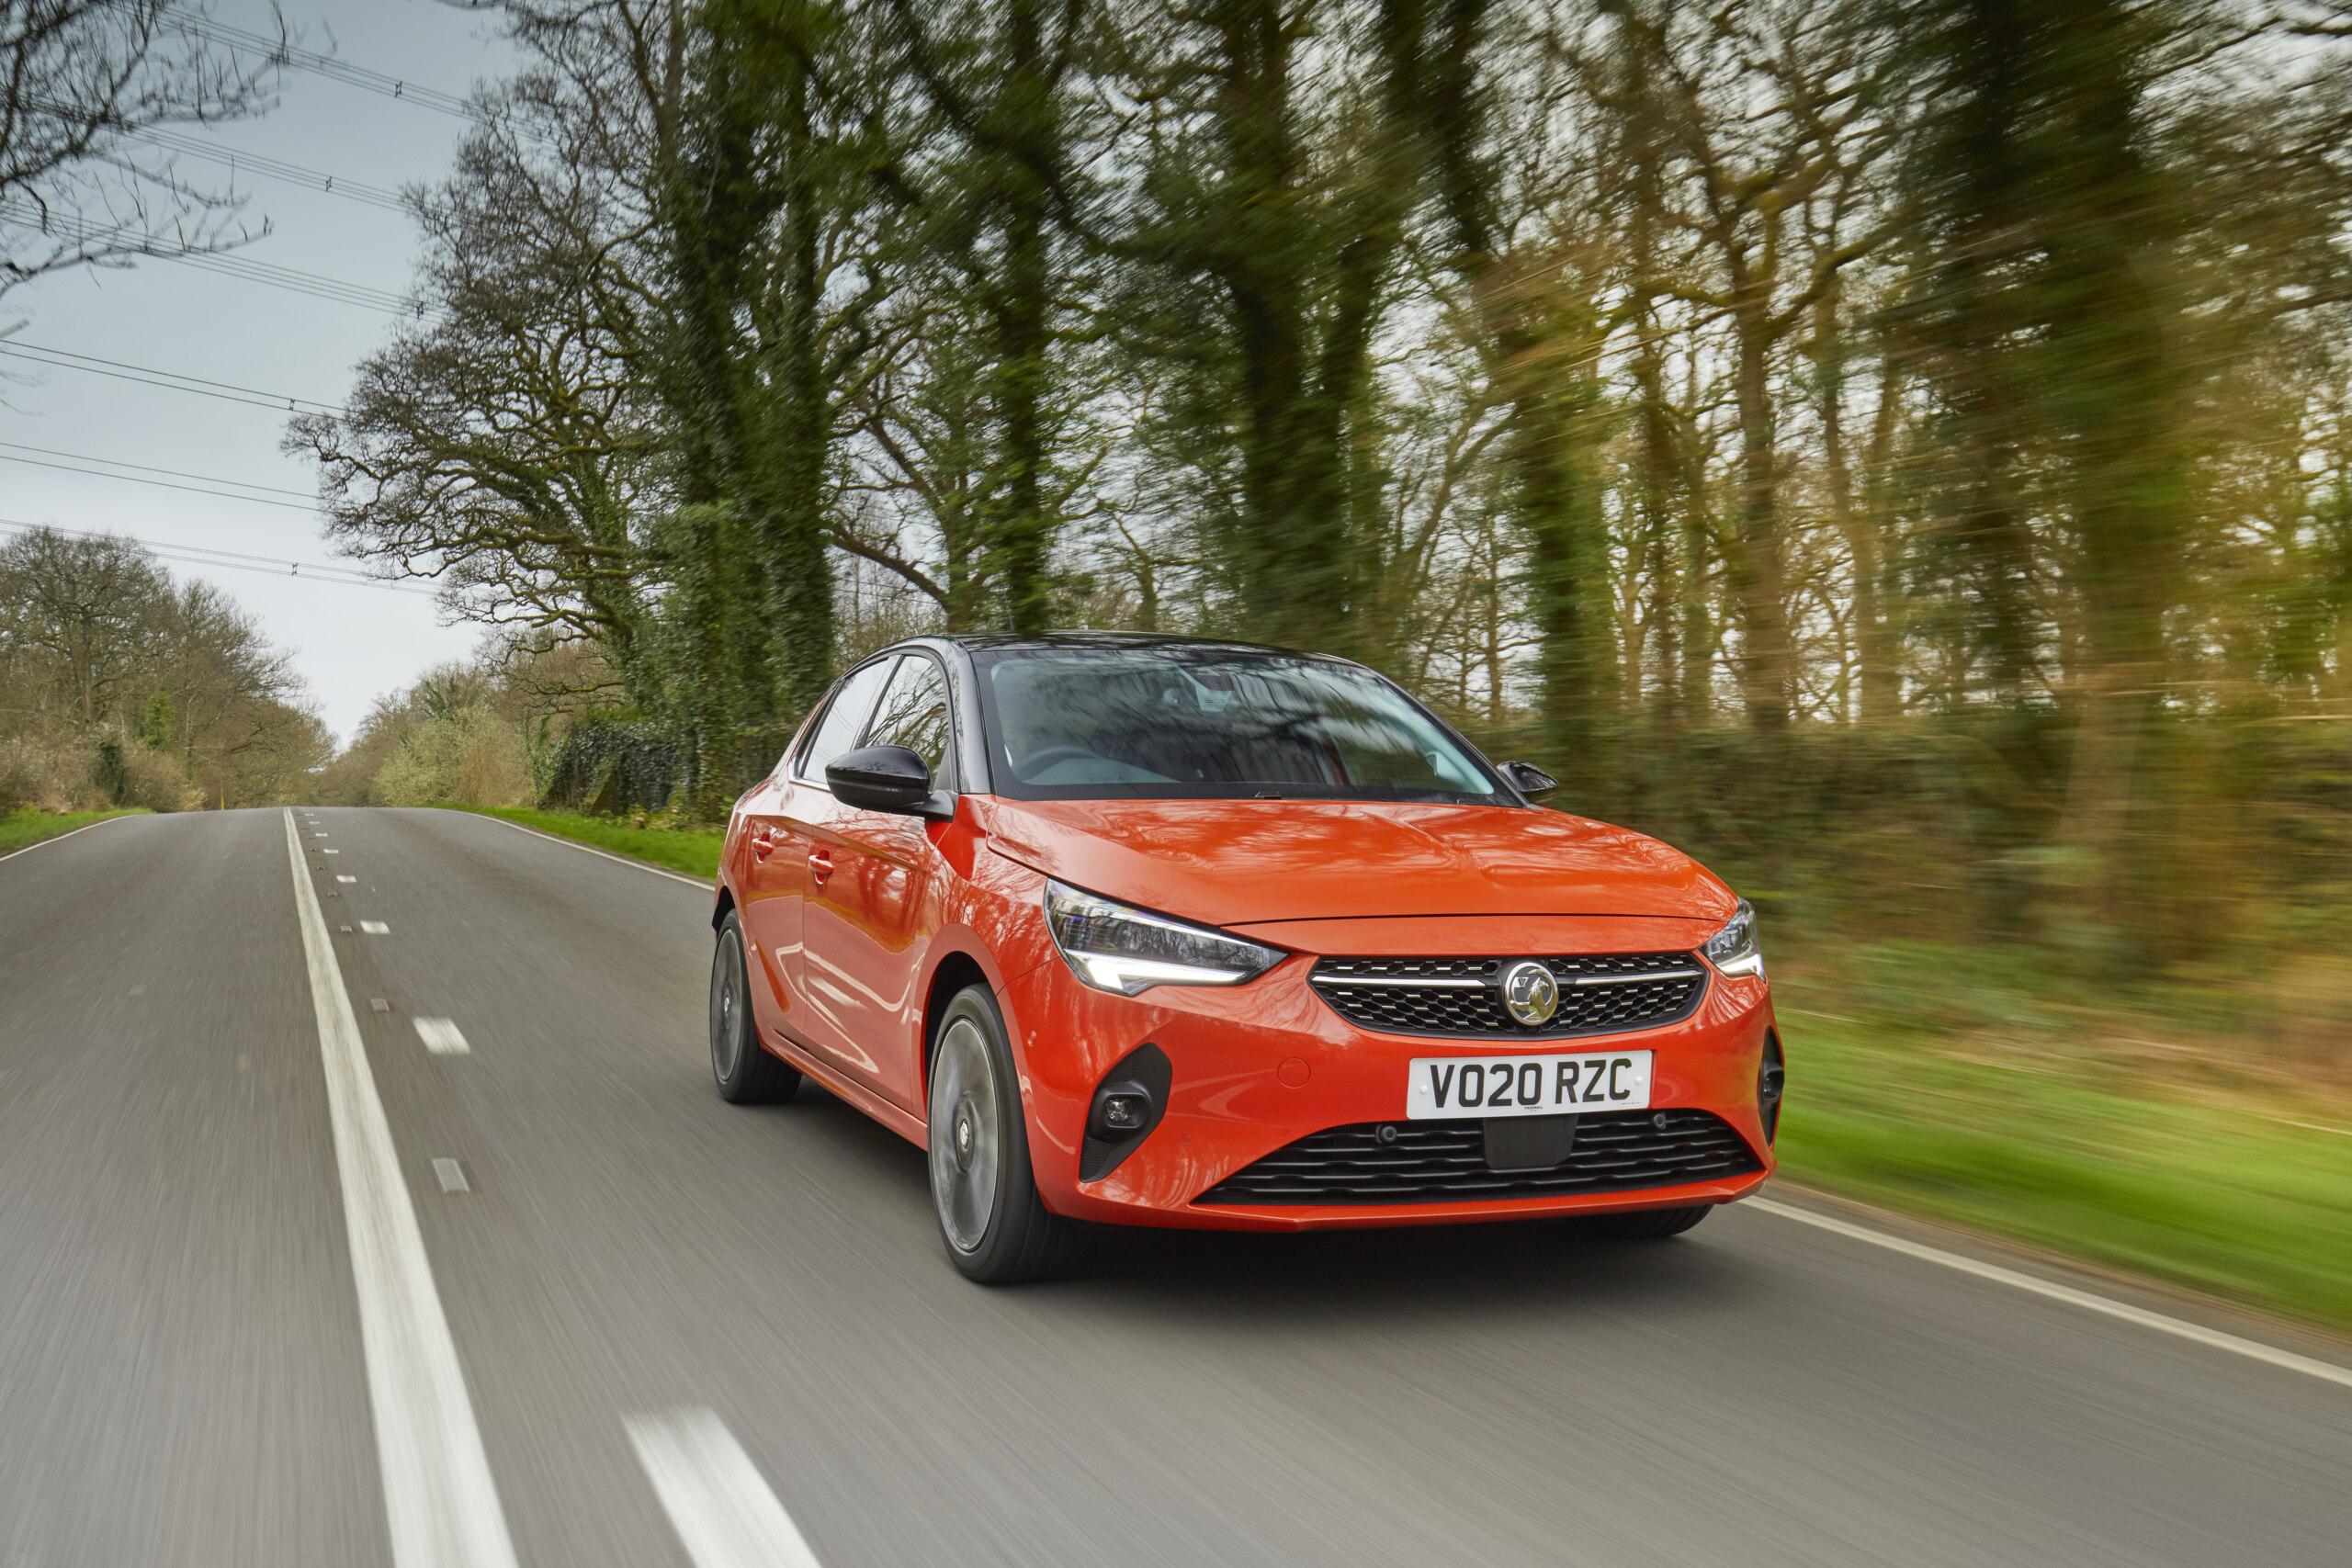 Opel готовит более производительного конкурента Volkswagen Polo. Раскрыты характеристики нового Corsa VXR 2022 года